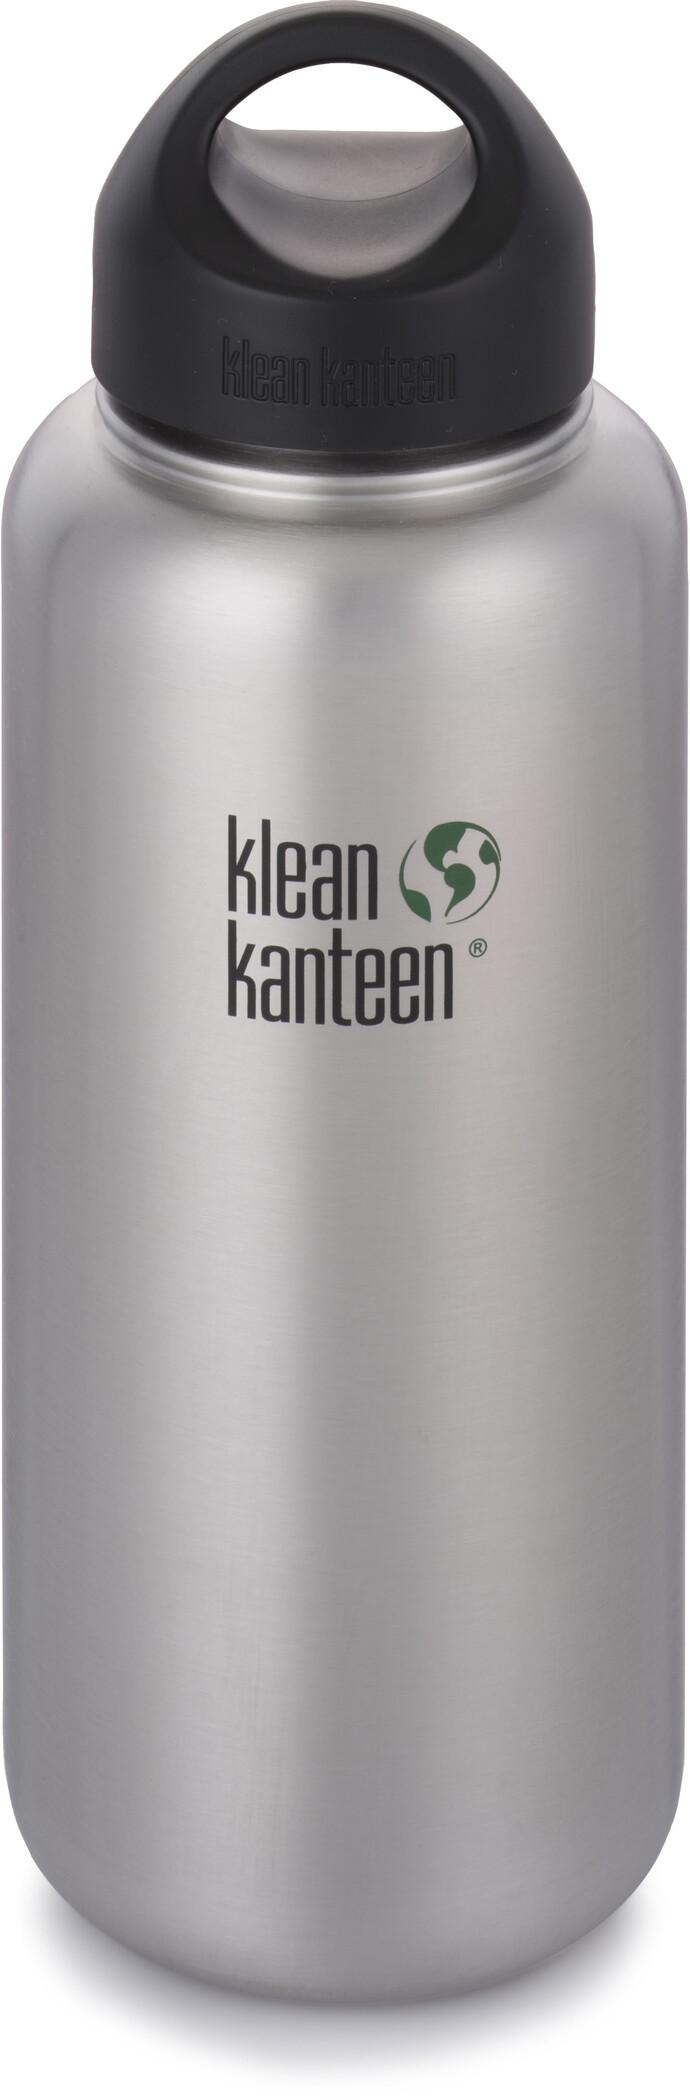 Klean Kanteen Loop Cap Wide Bottle Stainless Steel 800ml